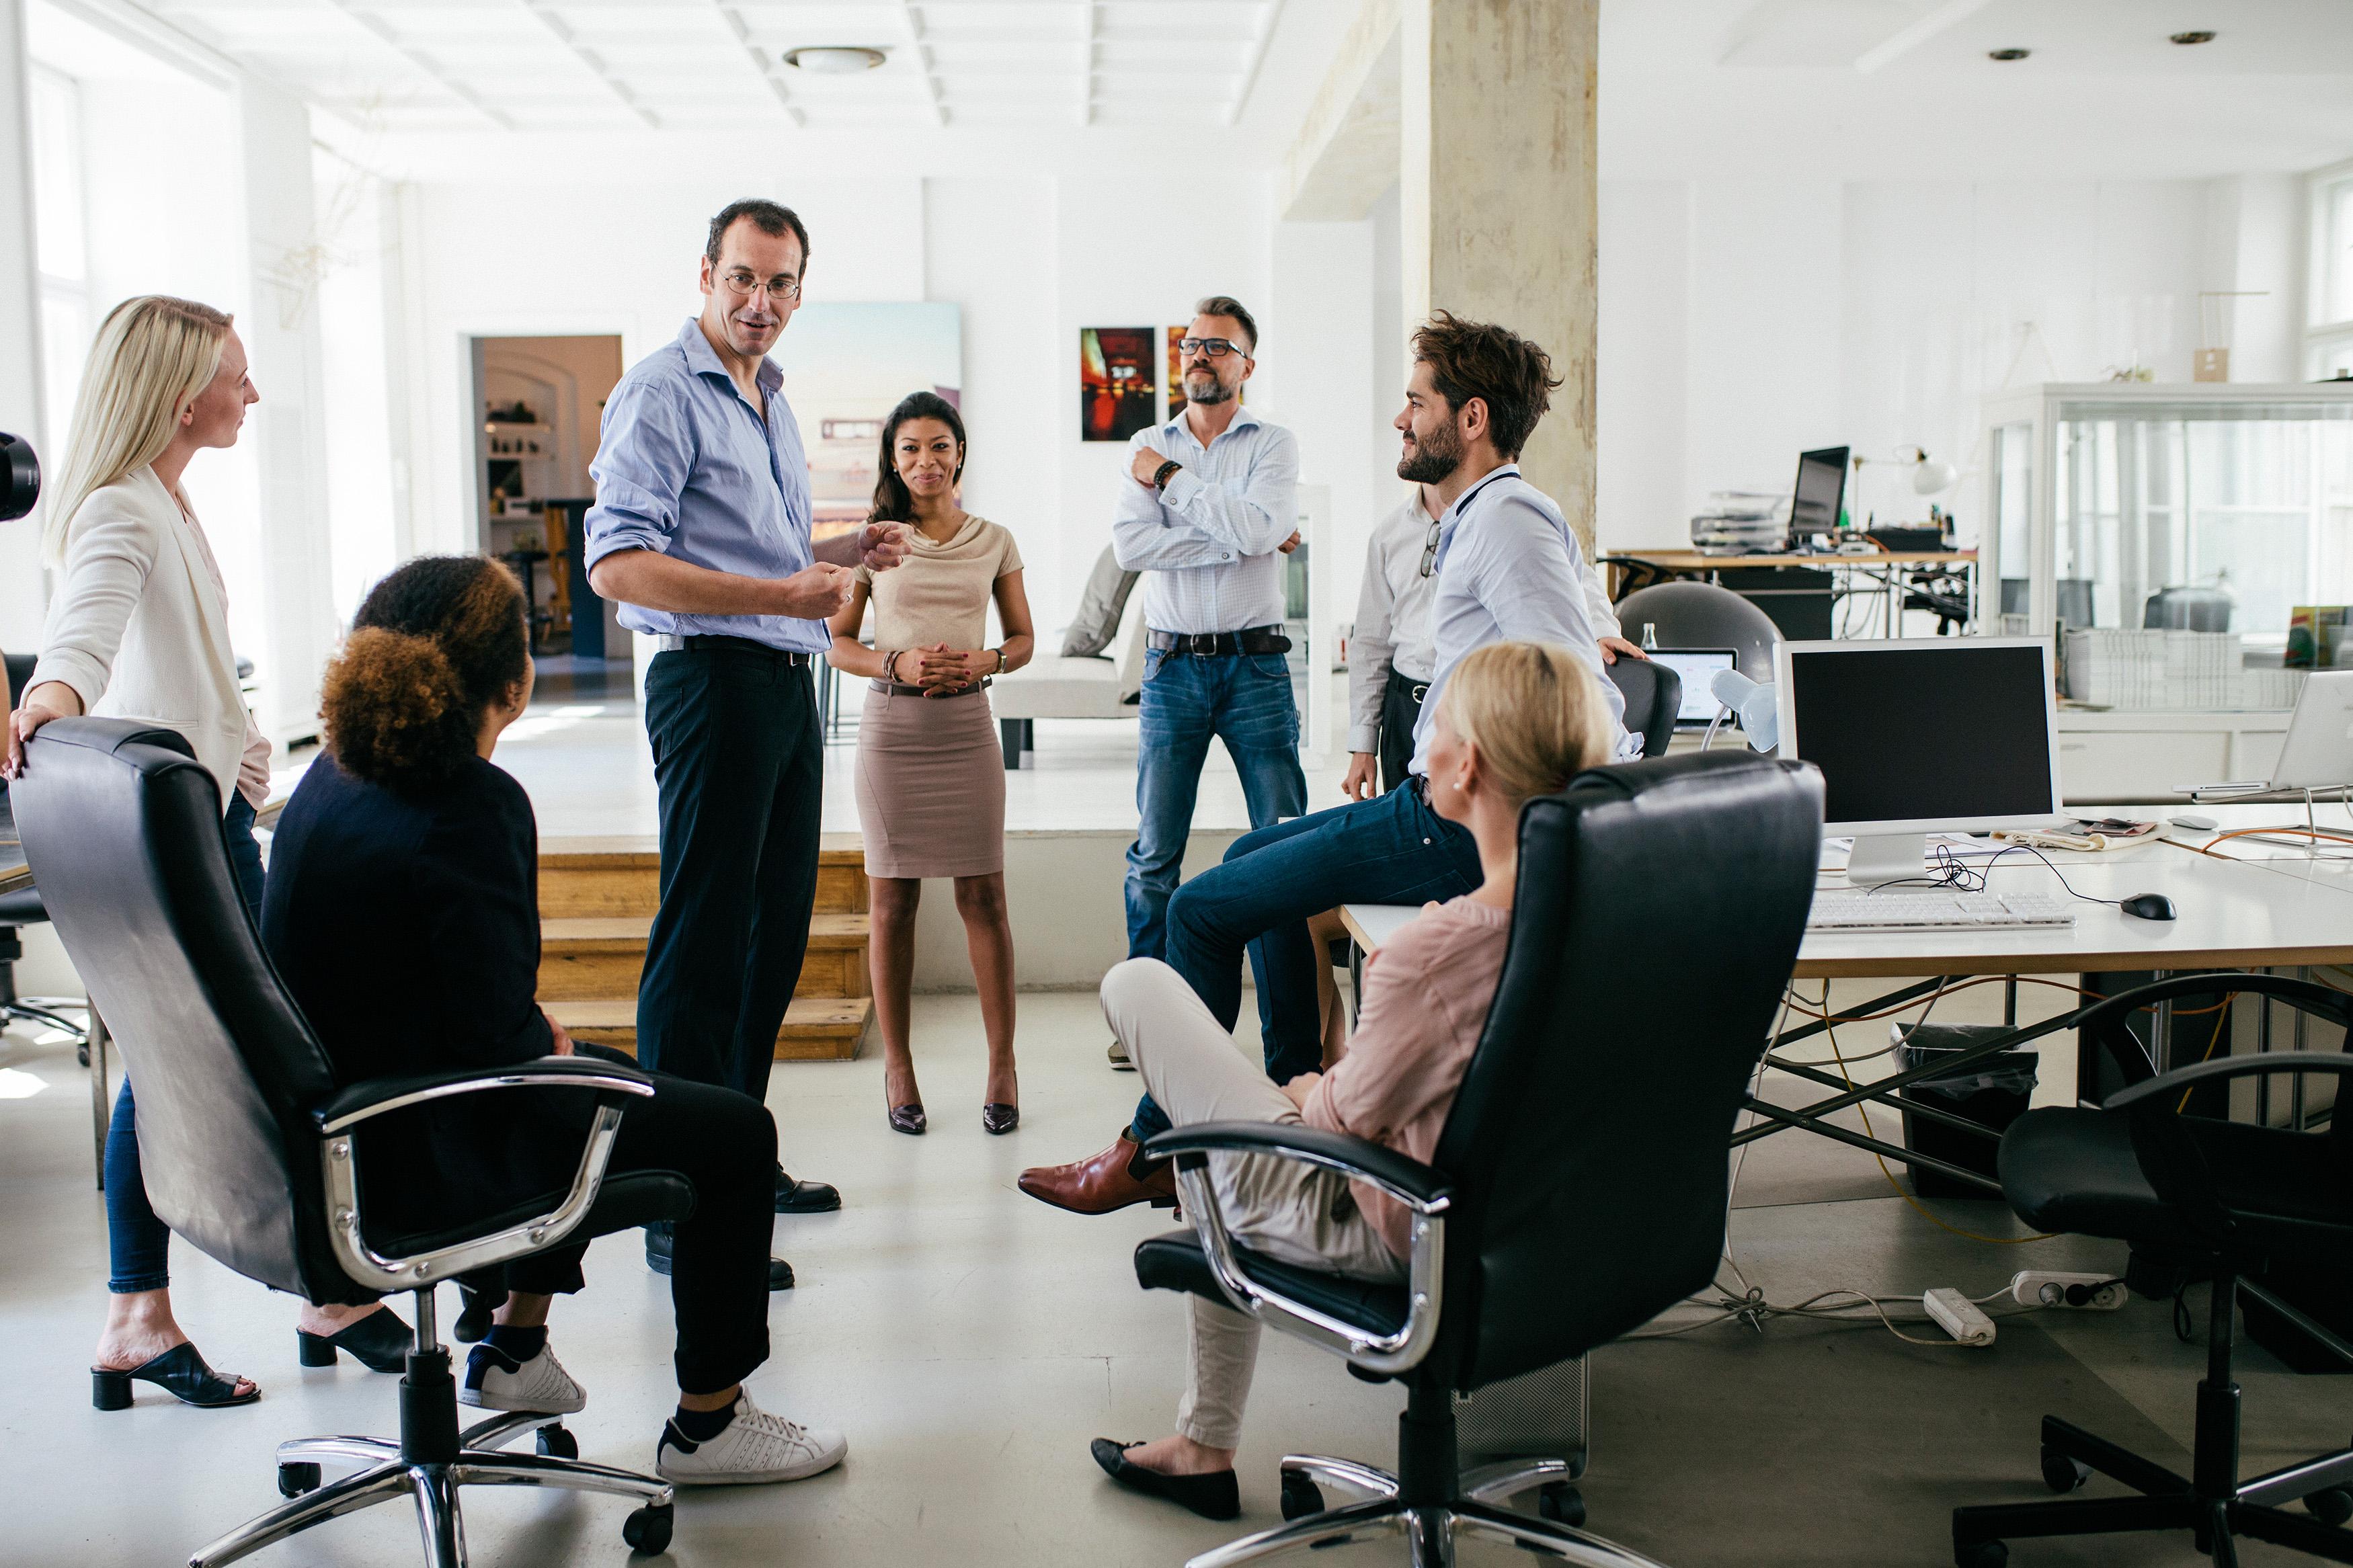 Führungskraft steht inmitten von Mitarbeiterinnen und Mitarbeitern.